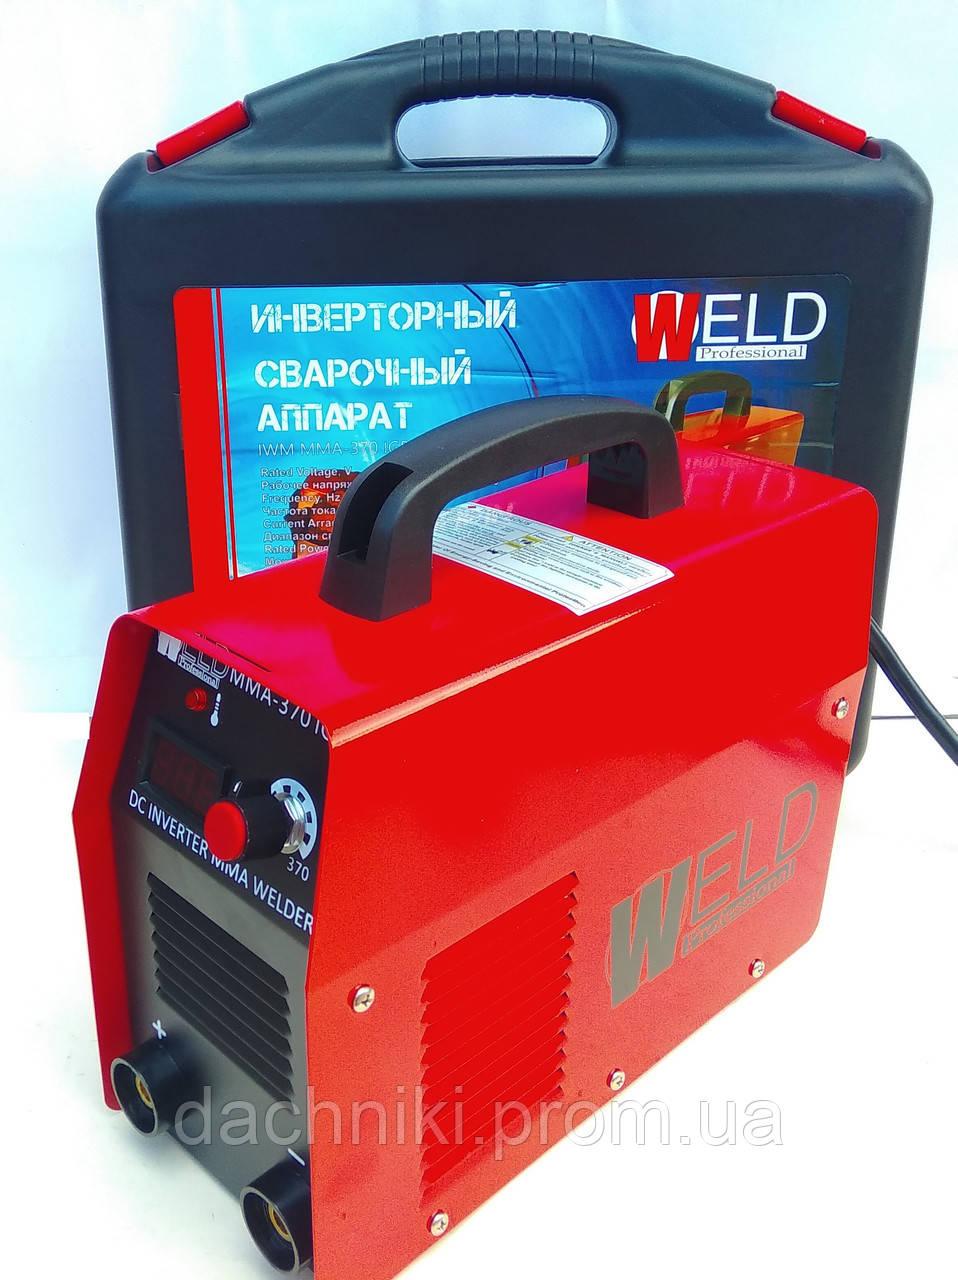 Сварка инверторная Weld 370 в кейсе с электронным табло